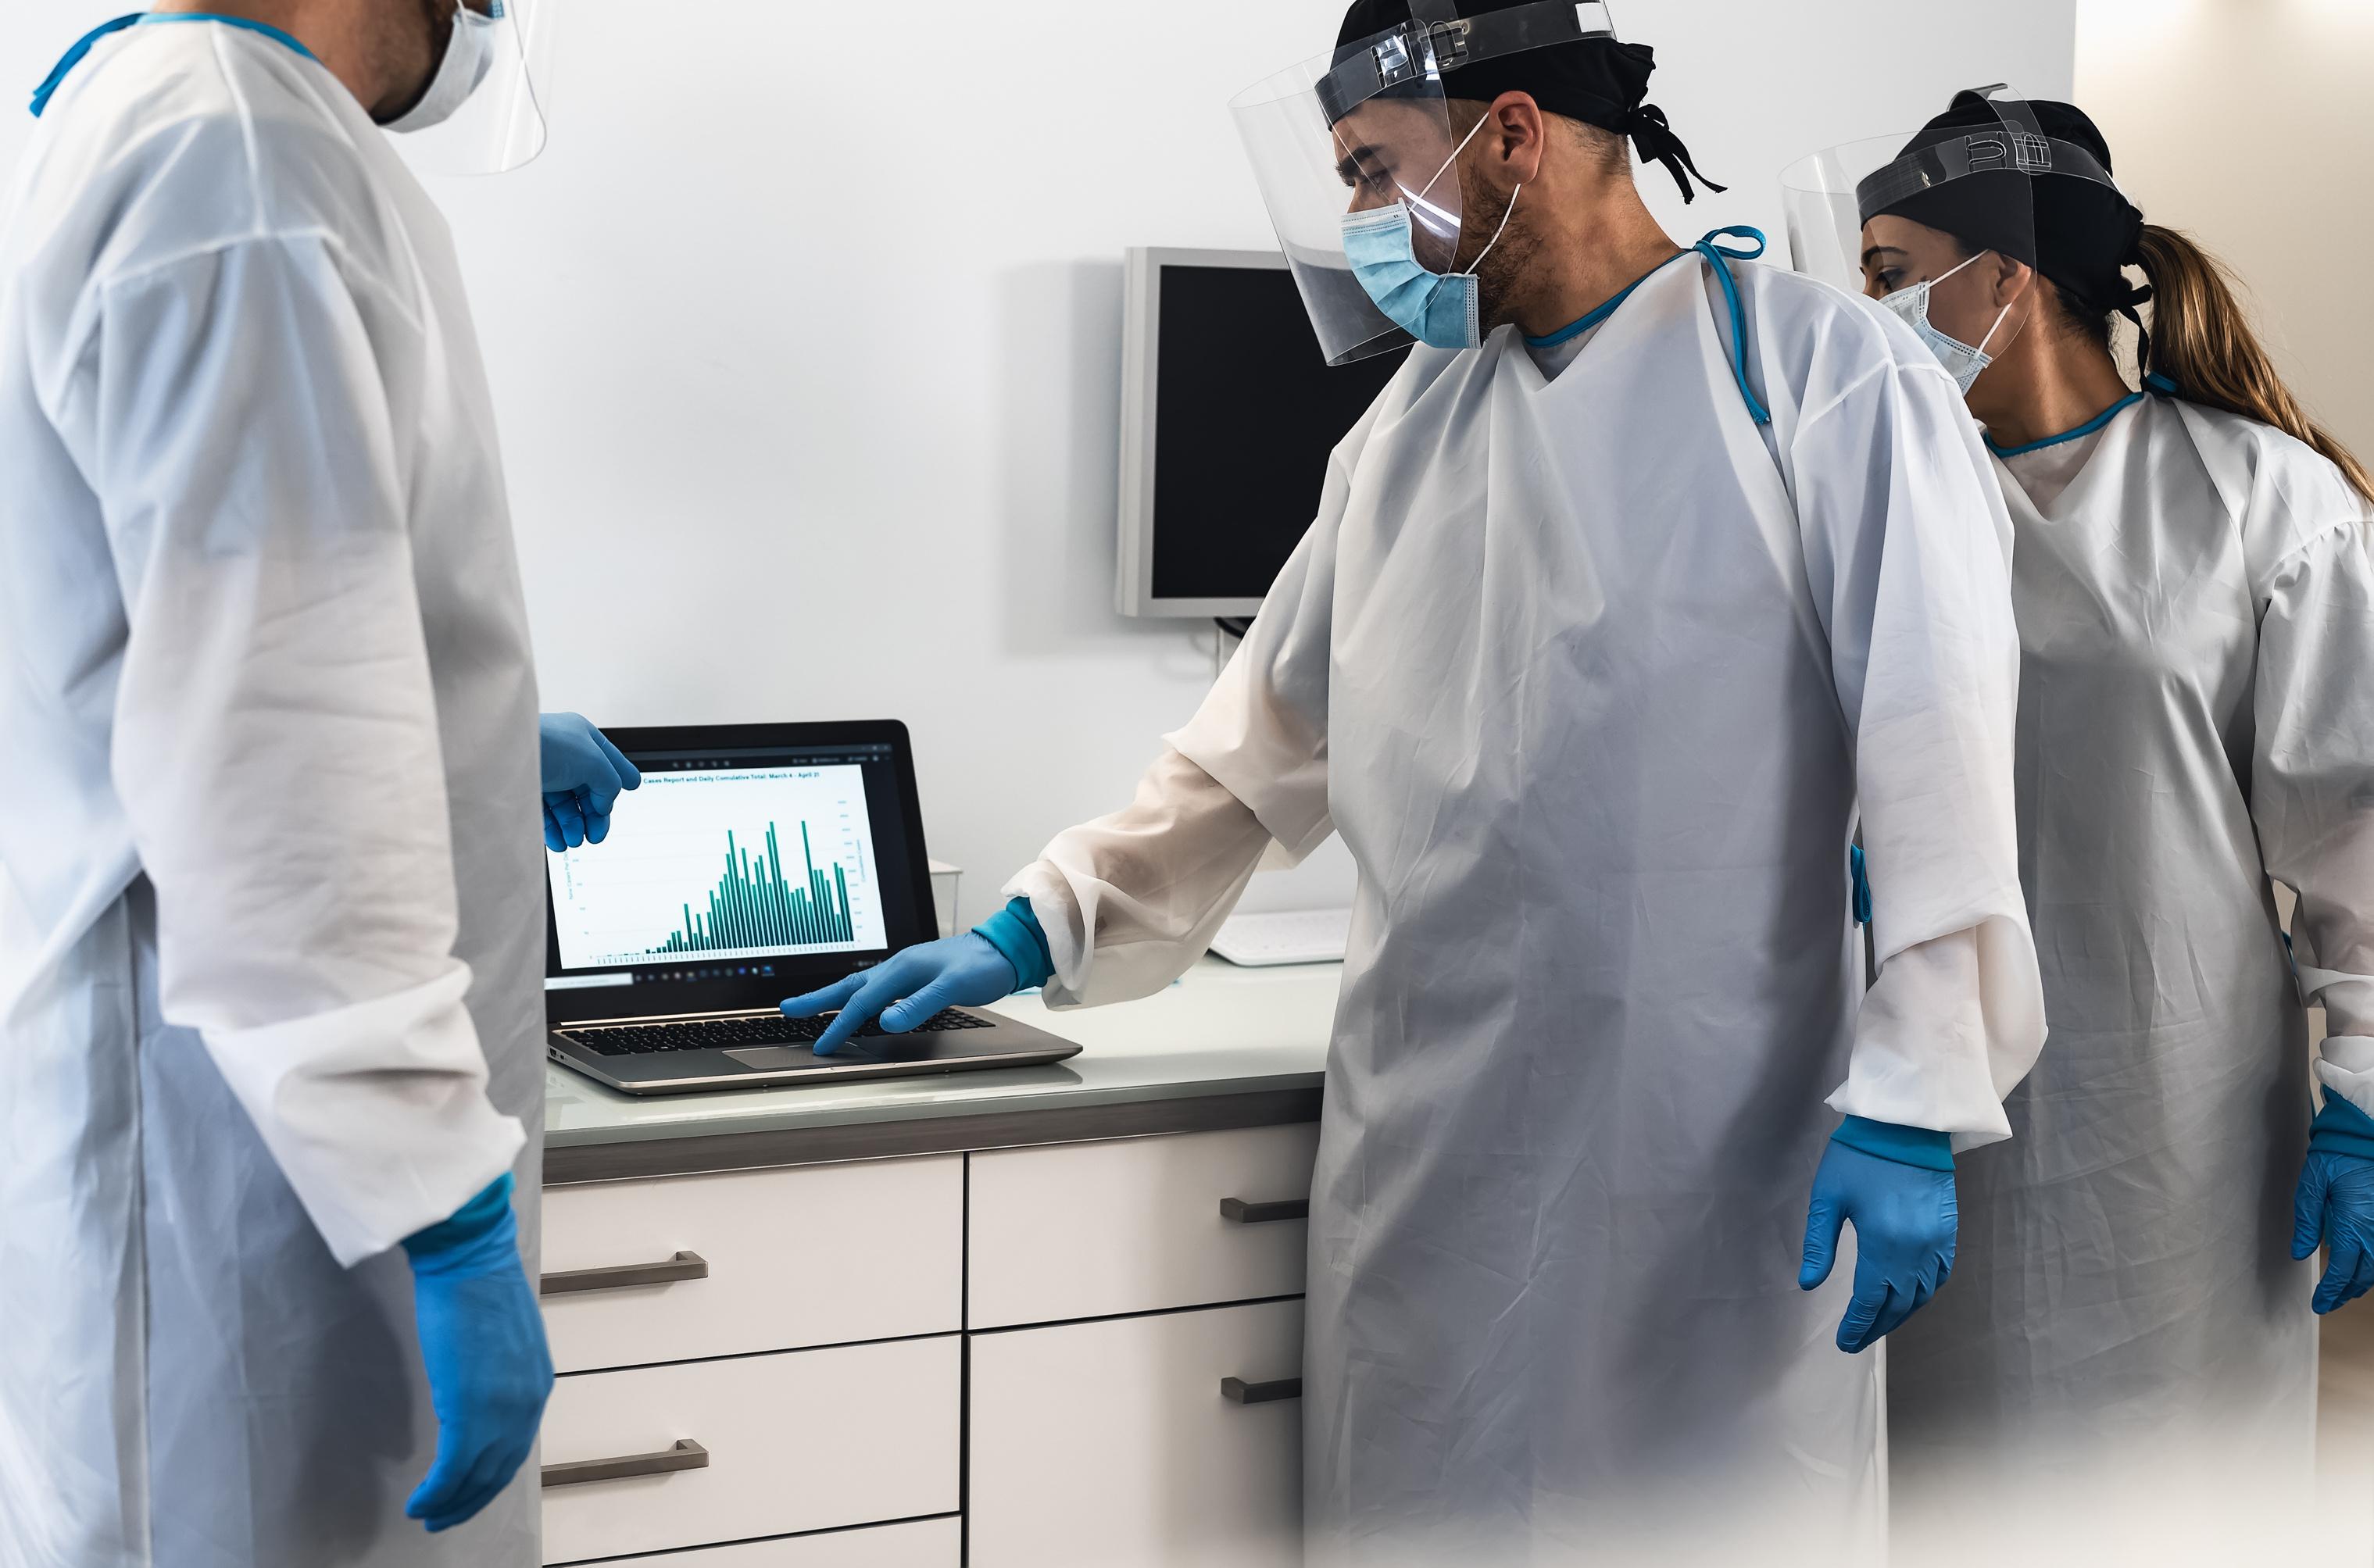 Le nombre total de décès enregistrés pendant la période pandémique de mars à juillet 2020 dépasse de loin ceux directement liés au COVID-19 (Visuel AdobeStock_379354779)